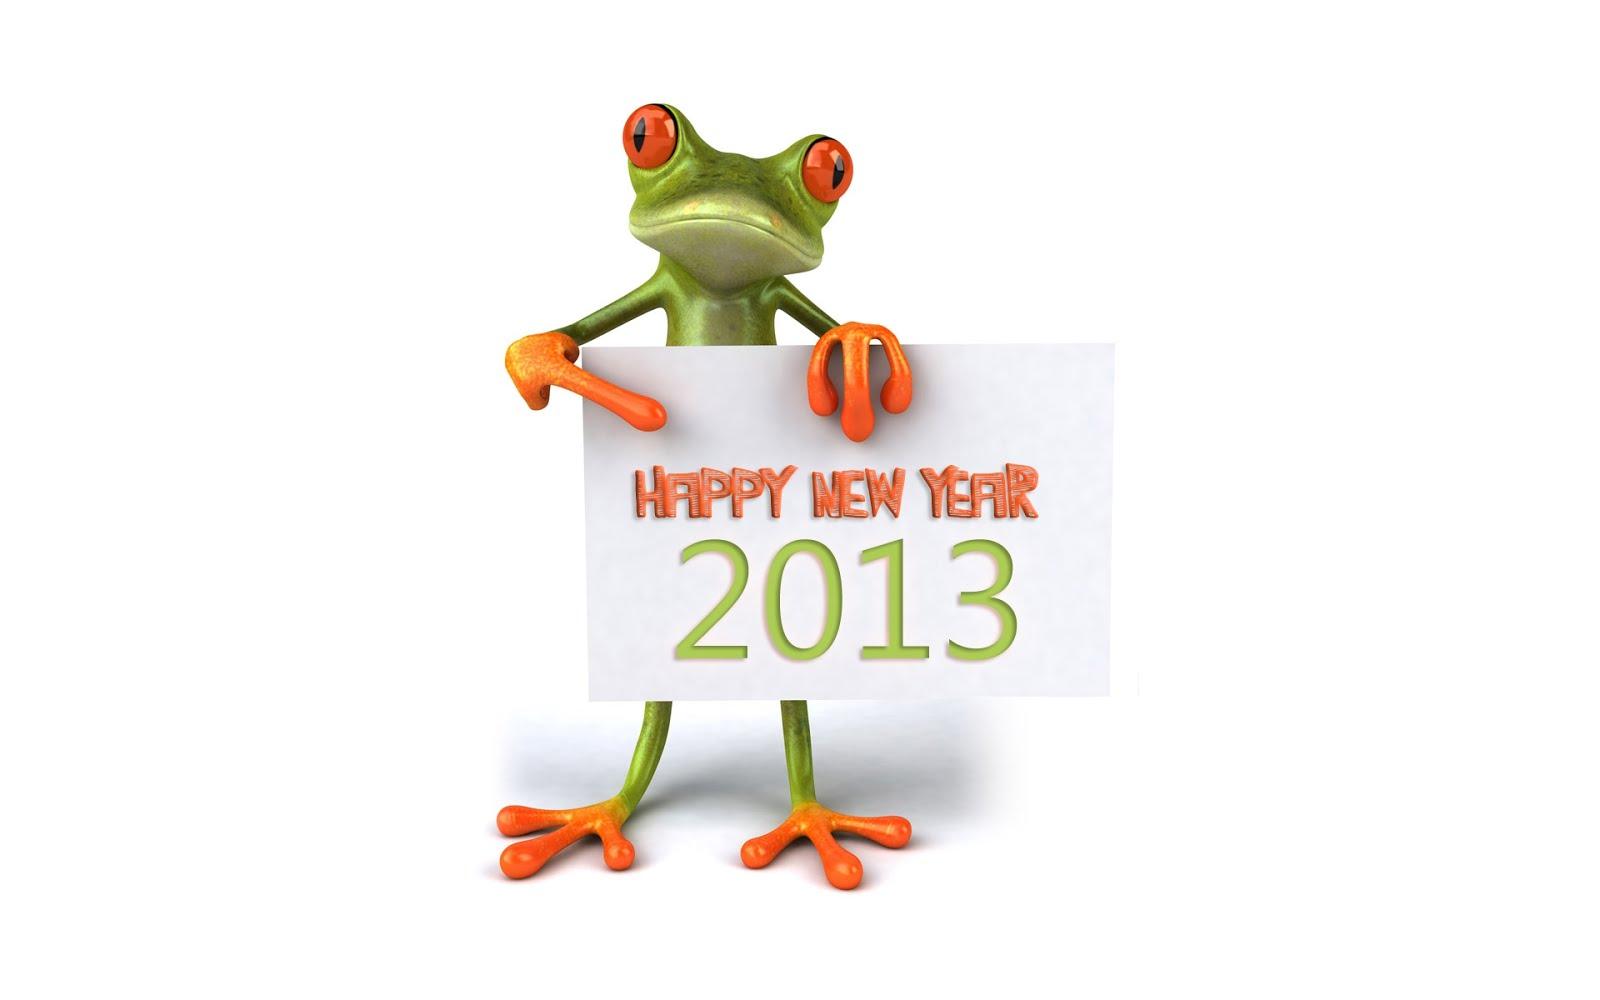 http://4.bp.blogspot.com/-dHWyQL1H3uE/UNa4xY_6BbI/AAAAAAAAJMs/v7GsO85umnQ/s1600/happy-new-year-2013%2B1-201kb.jpg